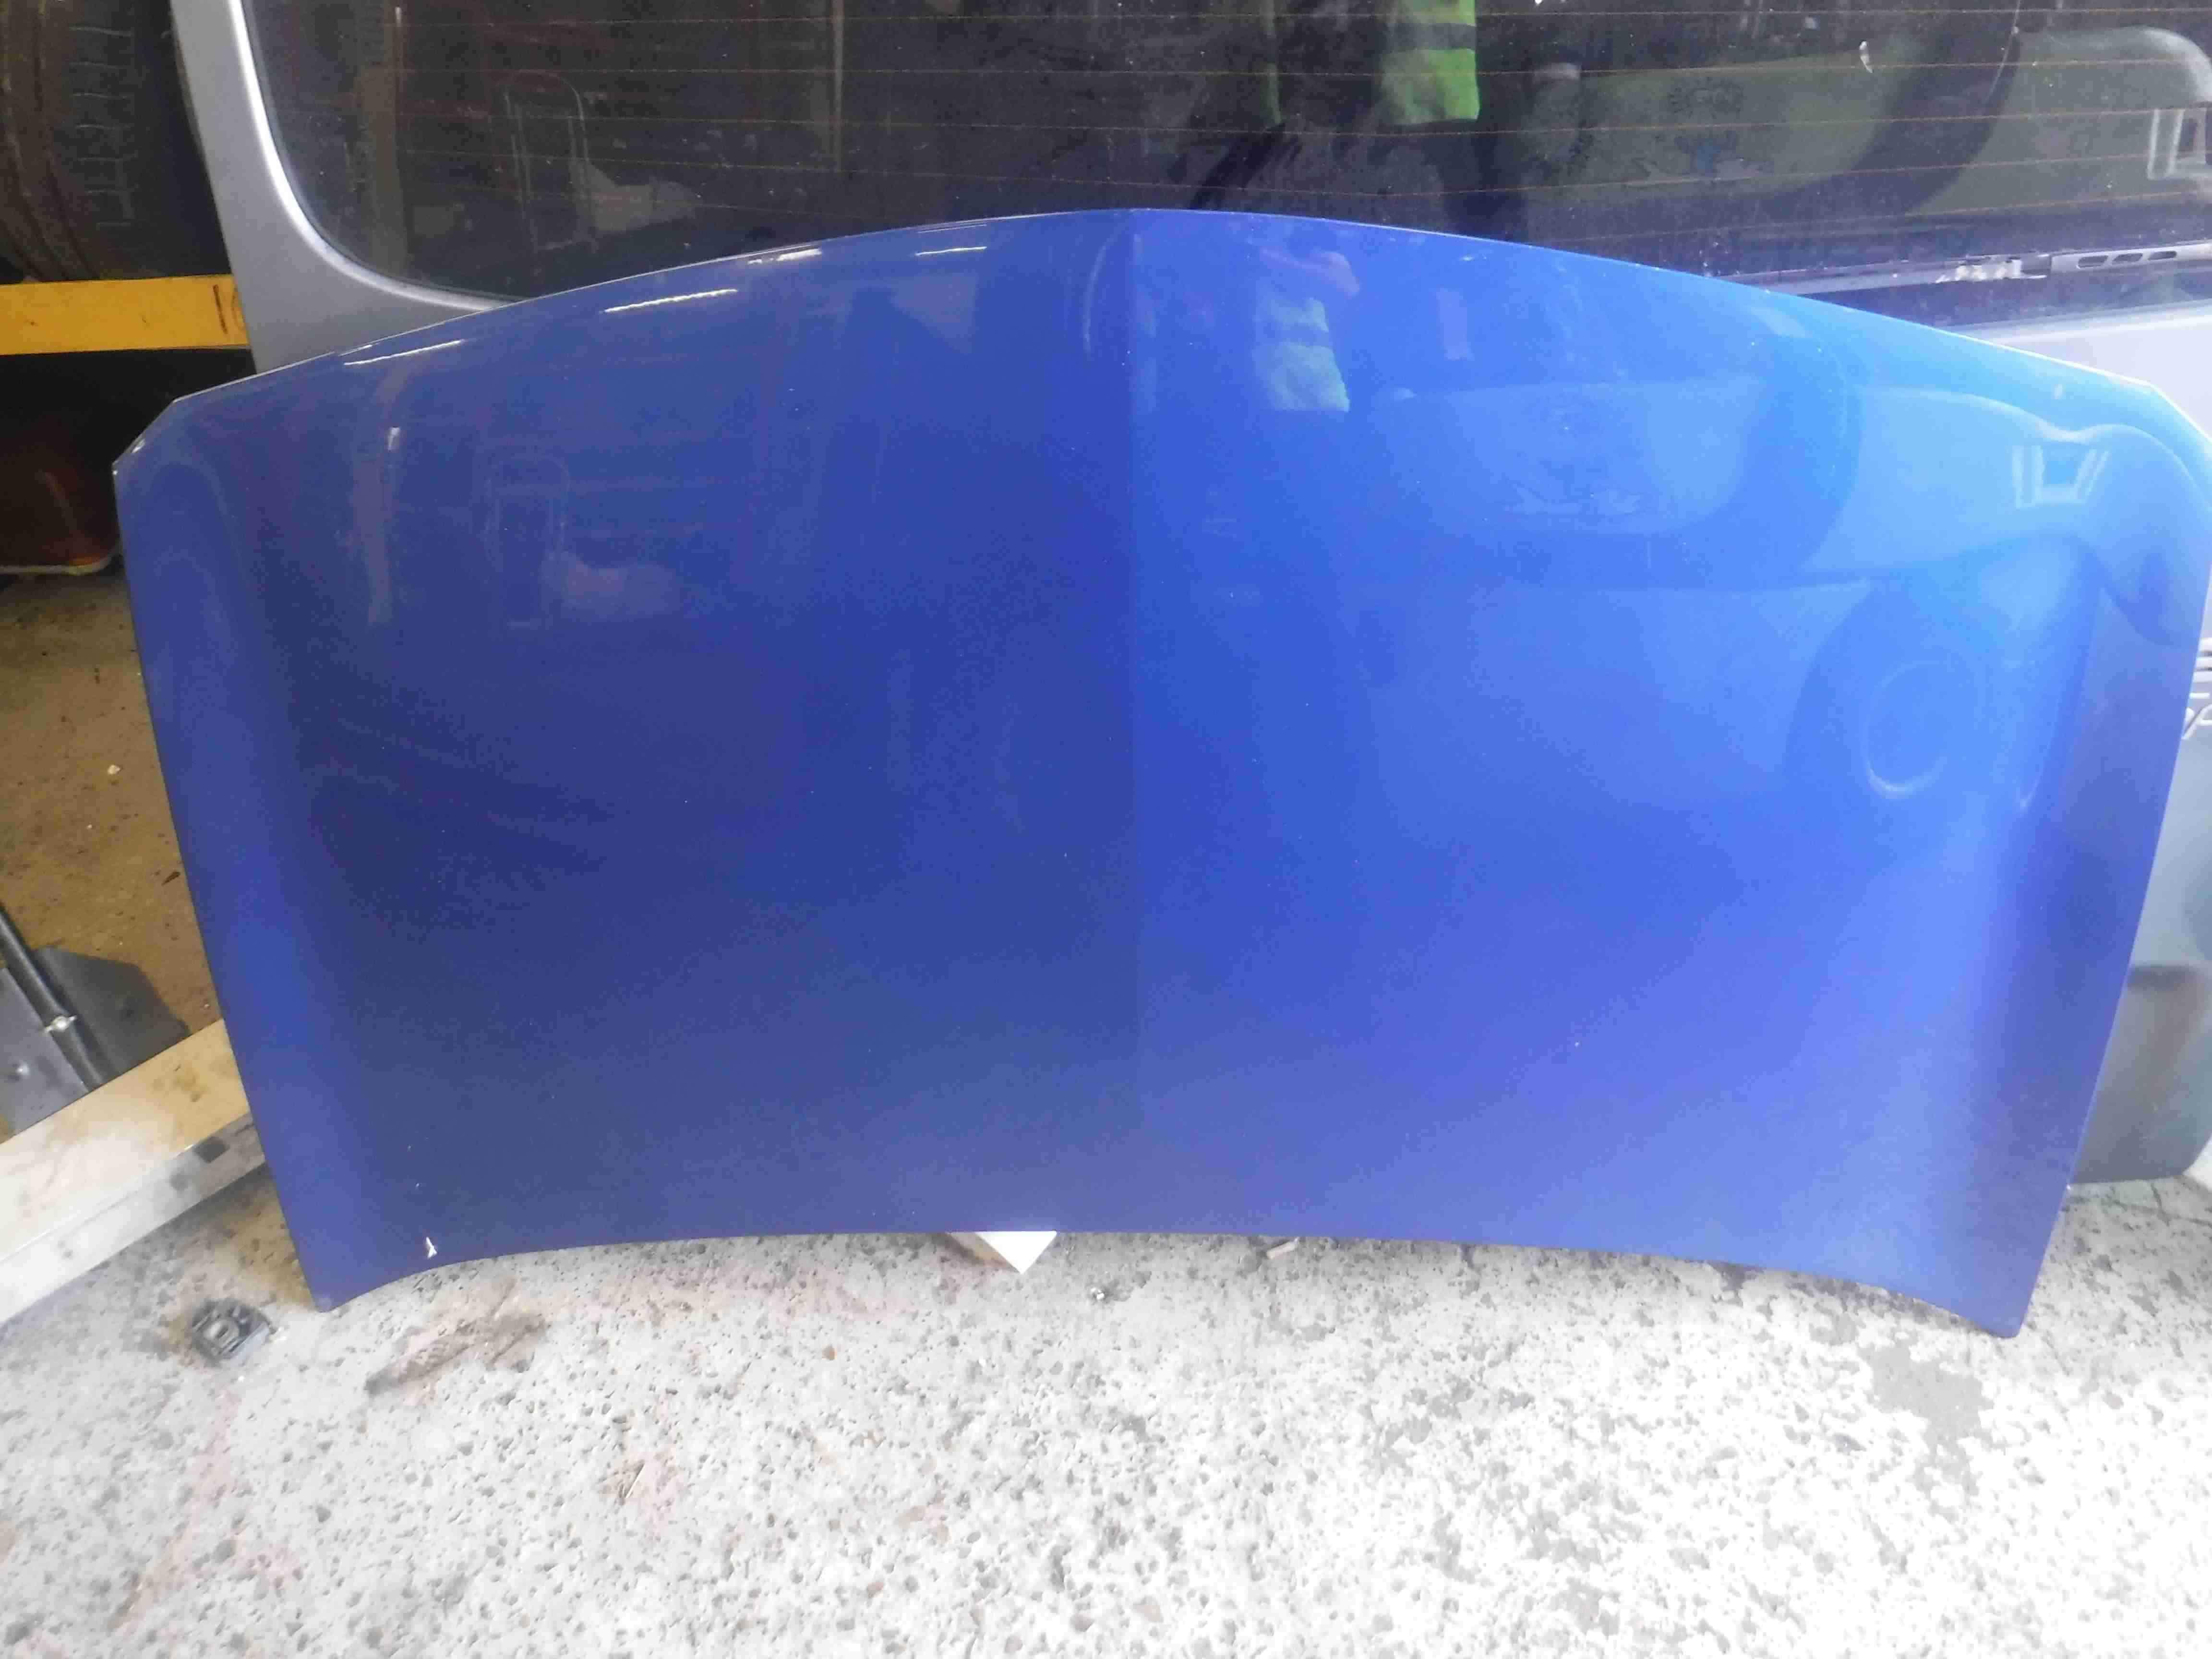 Renault Megane 2002-2008 Front Bonnet Blue TERNA